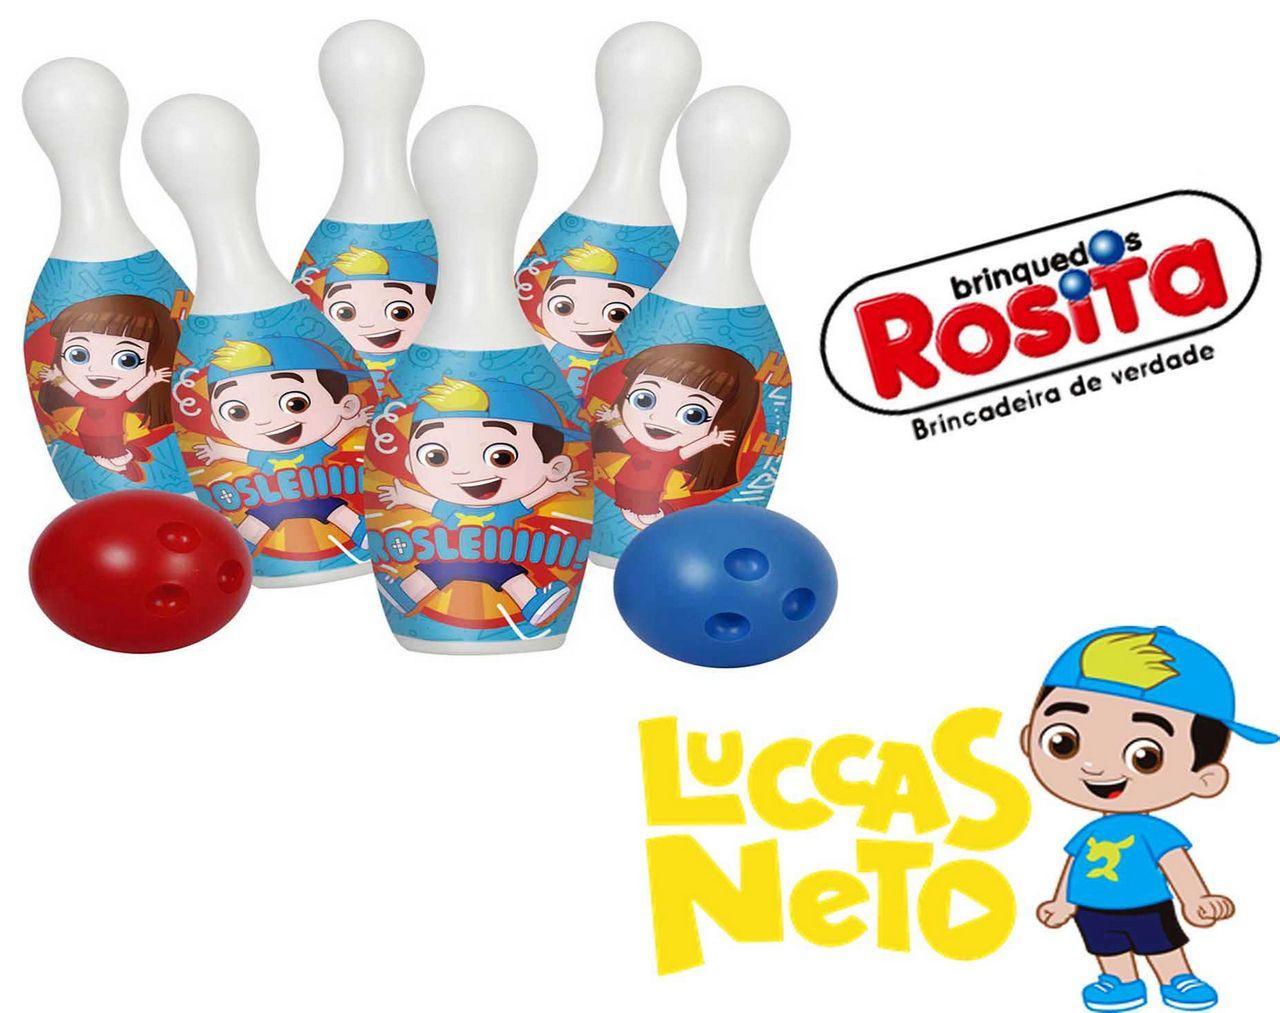 Boliche Do Luccas Neto Original Brinquedo Infantil 6 Pinos Desafio Decorado Menino Menina Lançamento Rosita